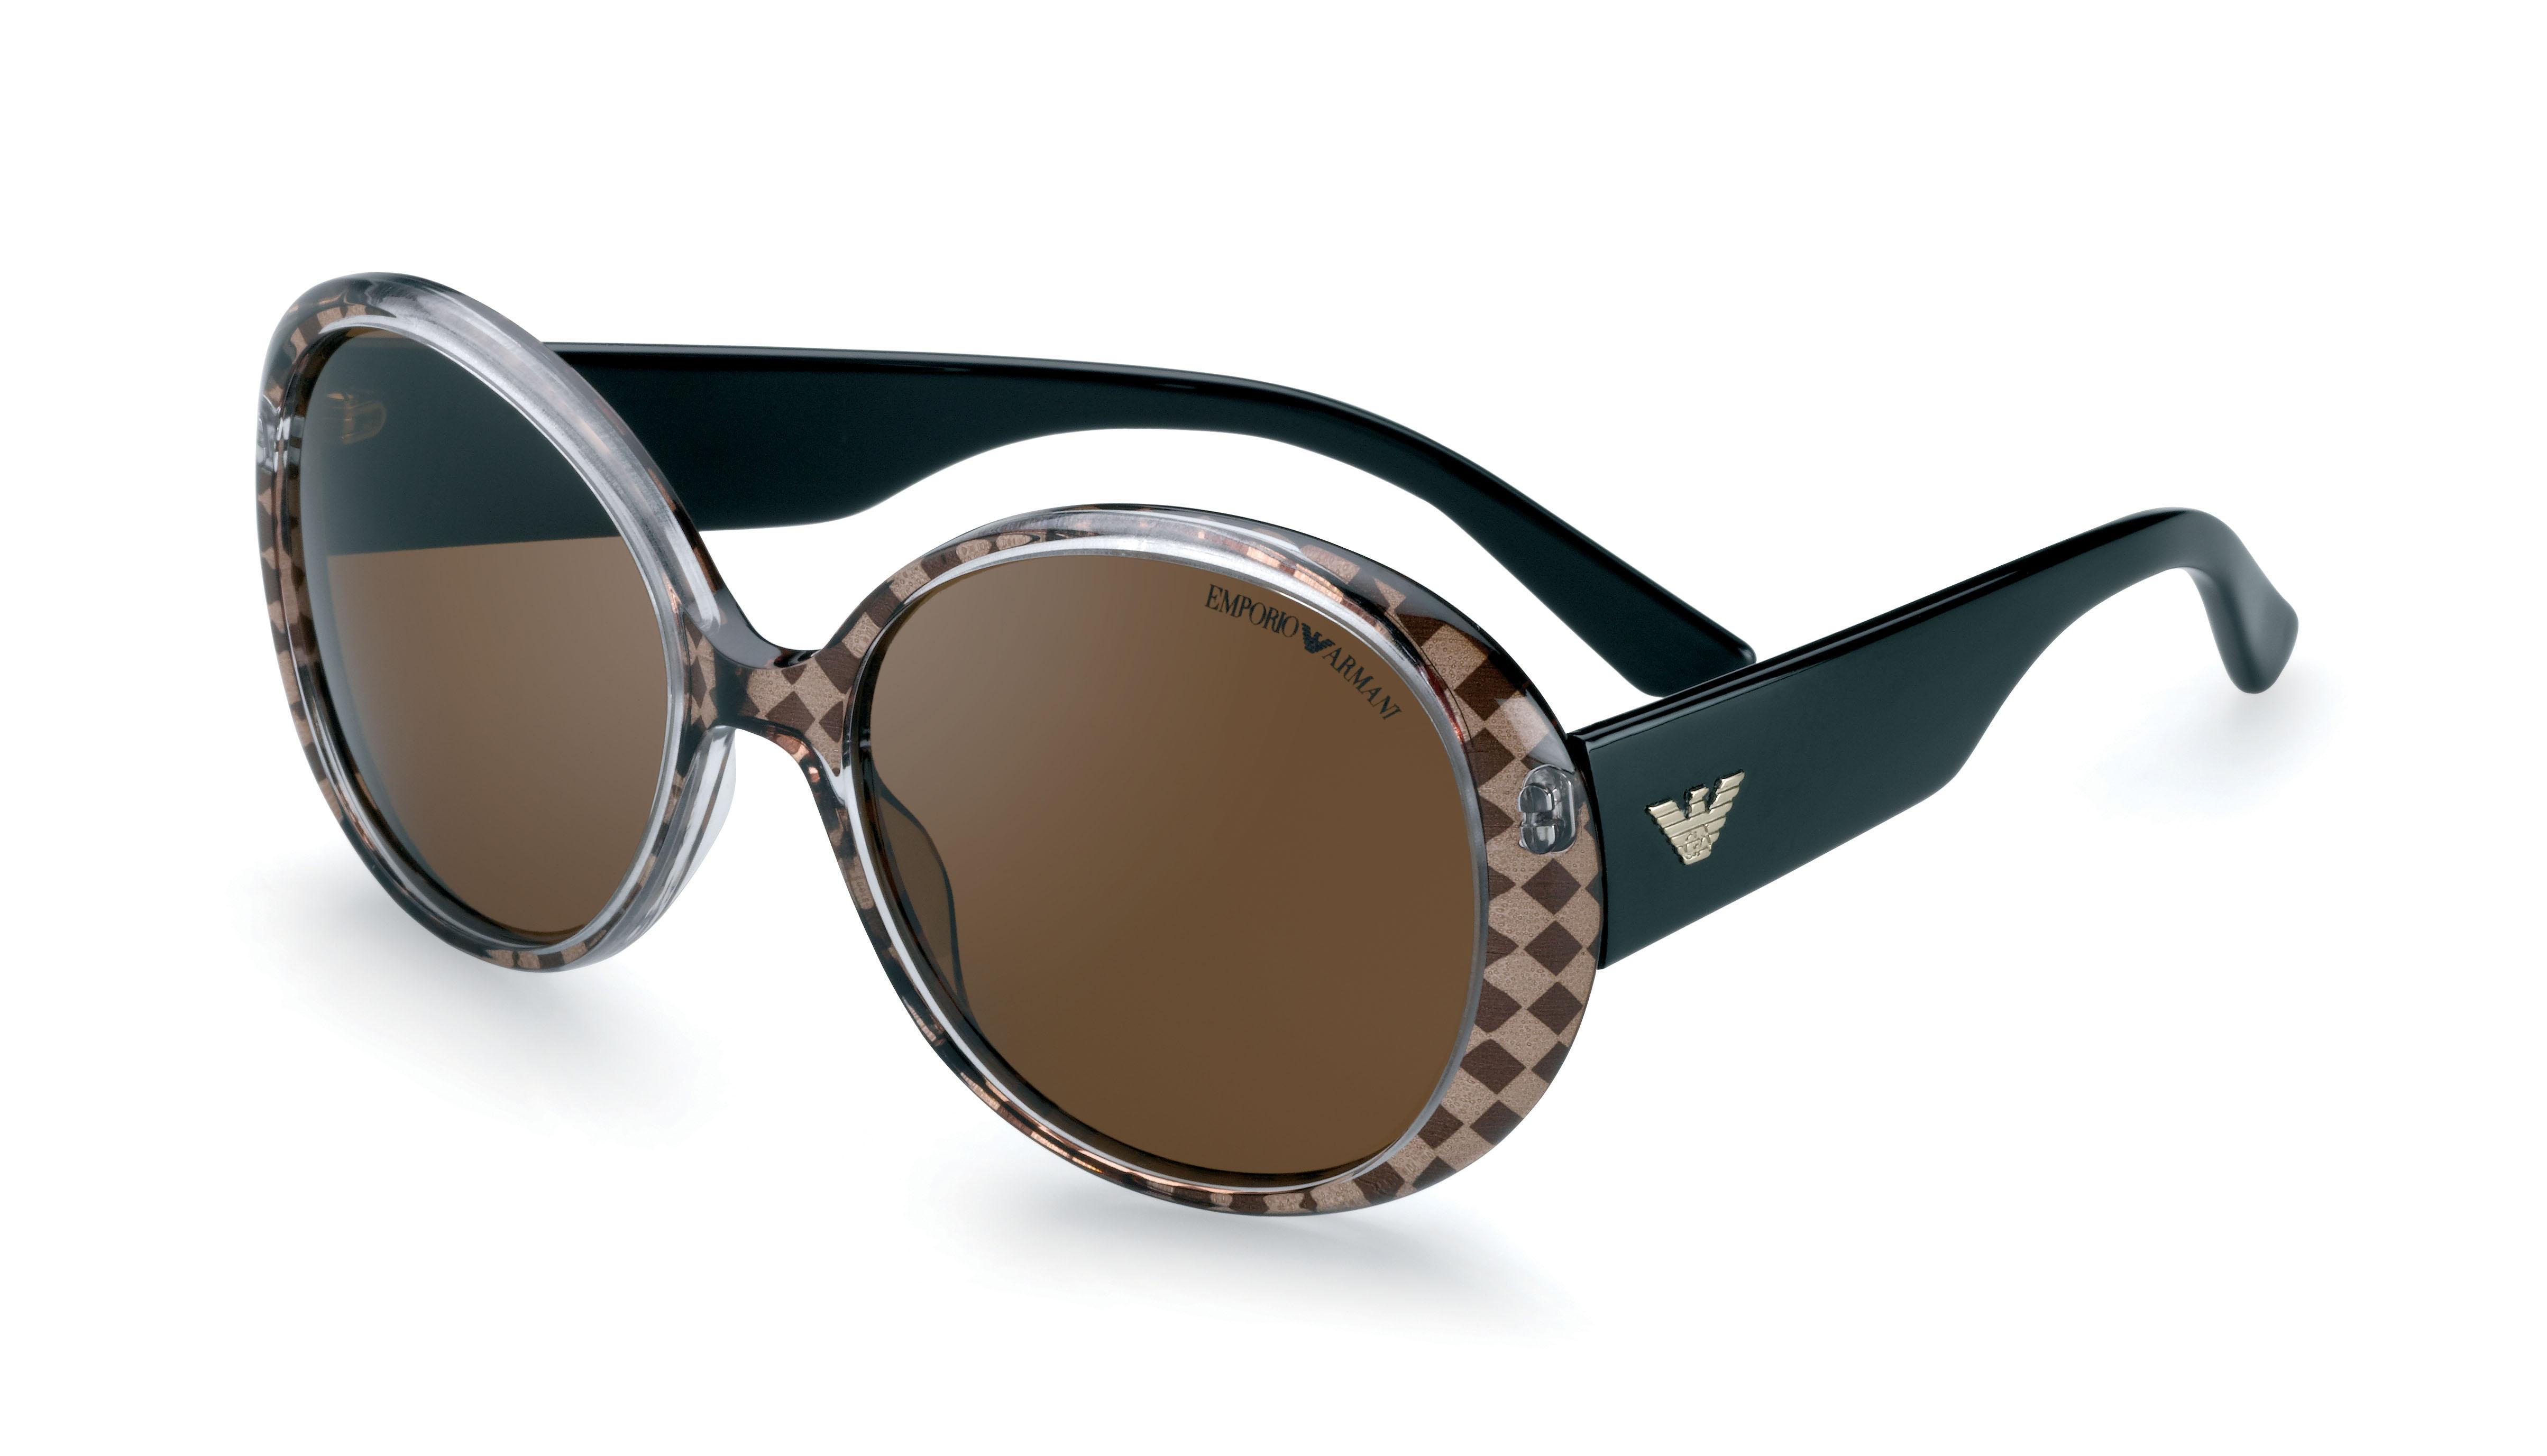 Hintergrundbilder : Emporio Armani, Sonnenbrille, Stilvoller Rahmen ...